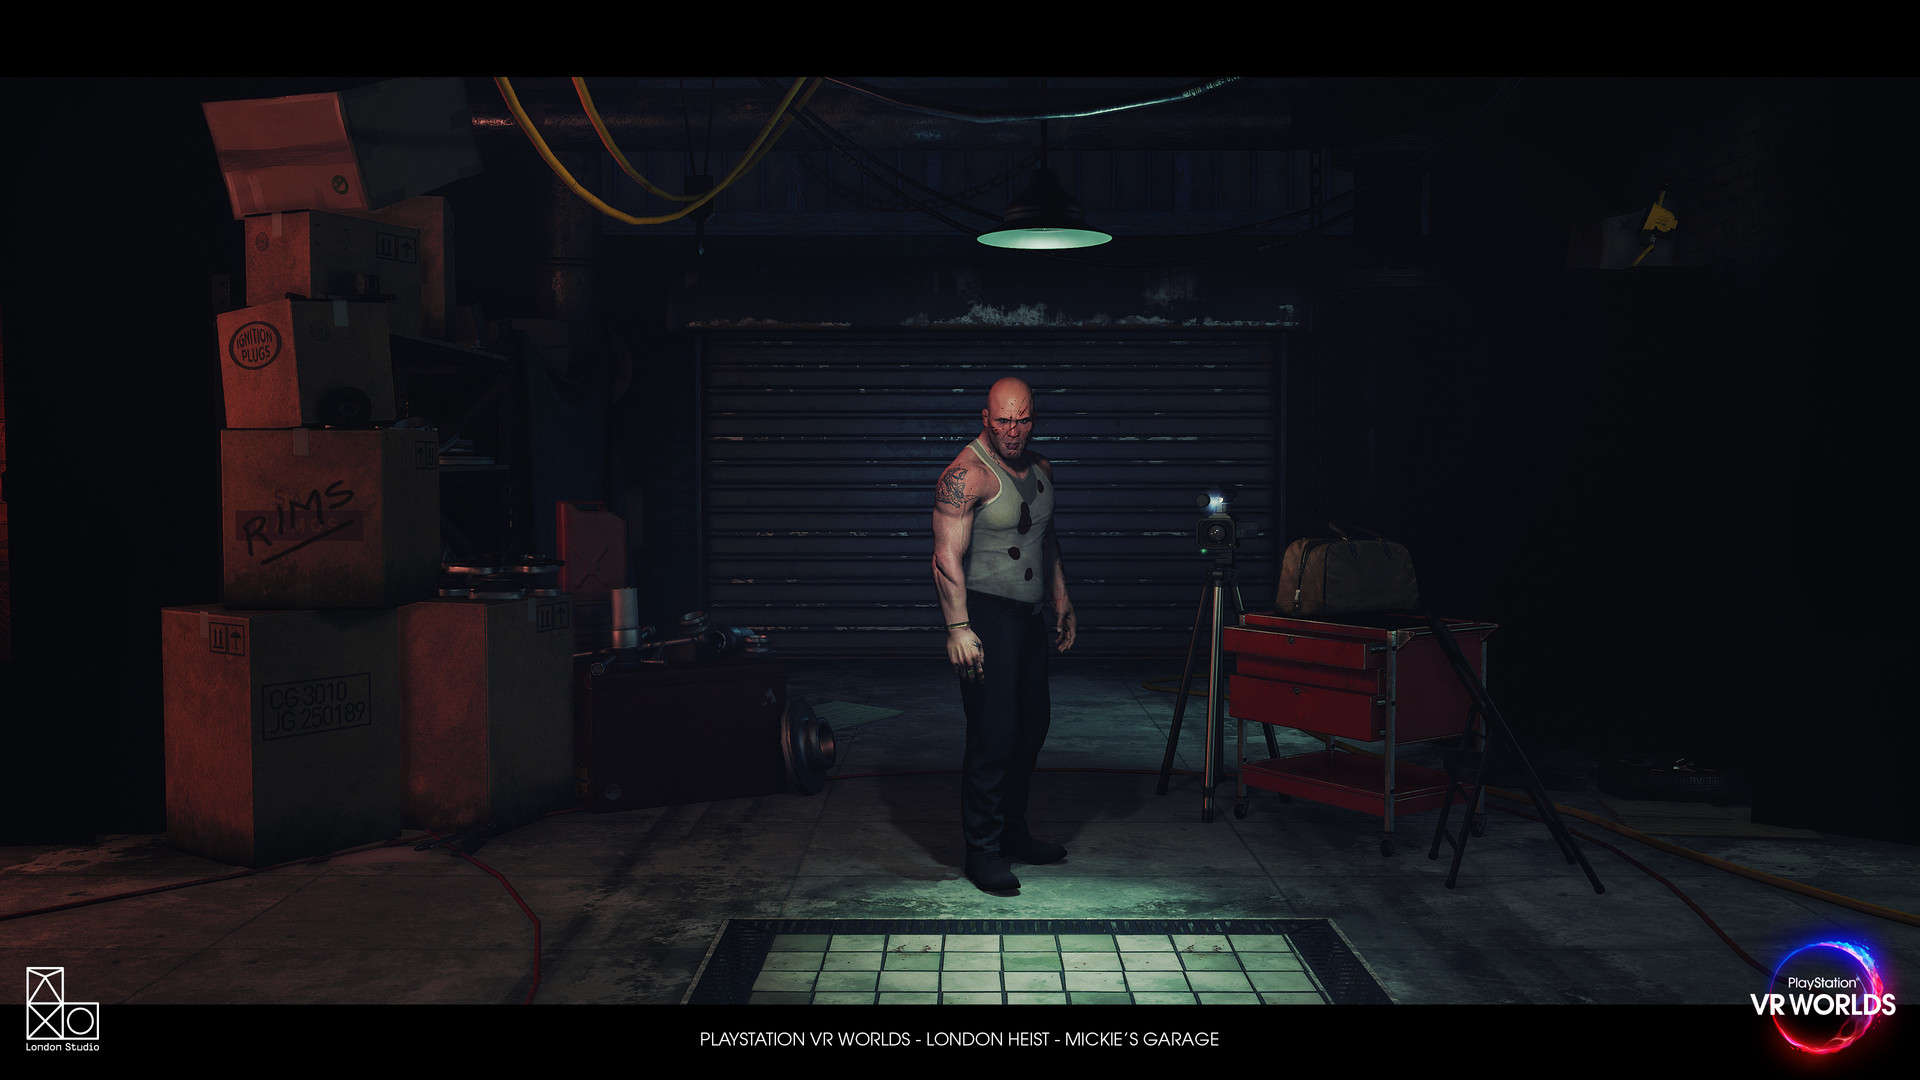 David nicholls garage 003